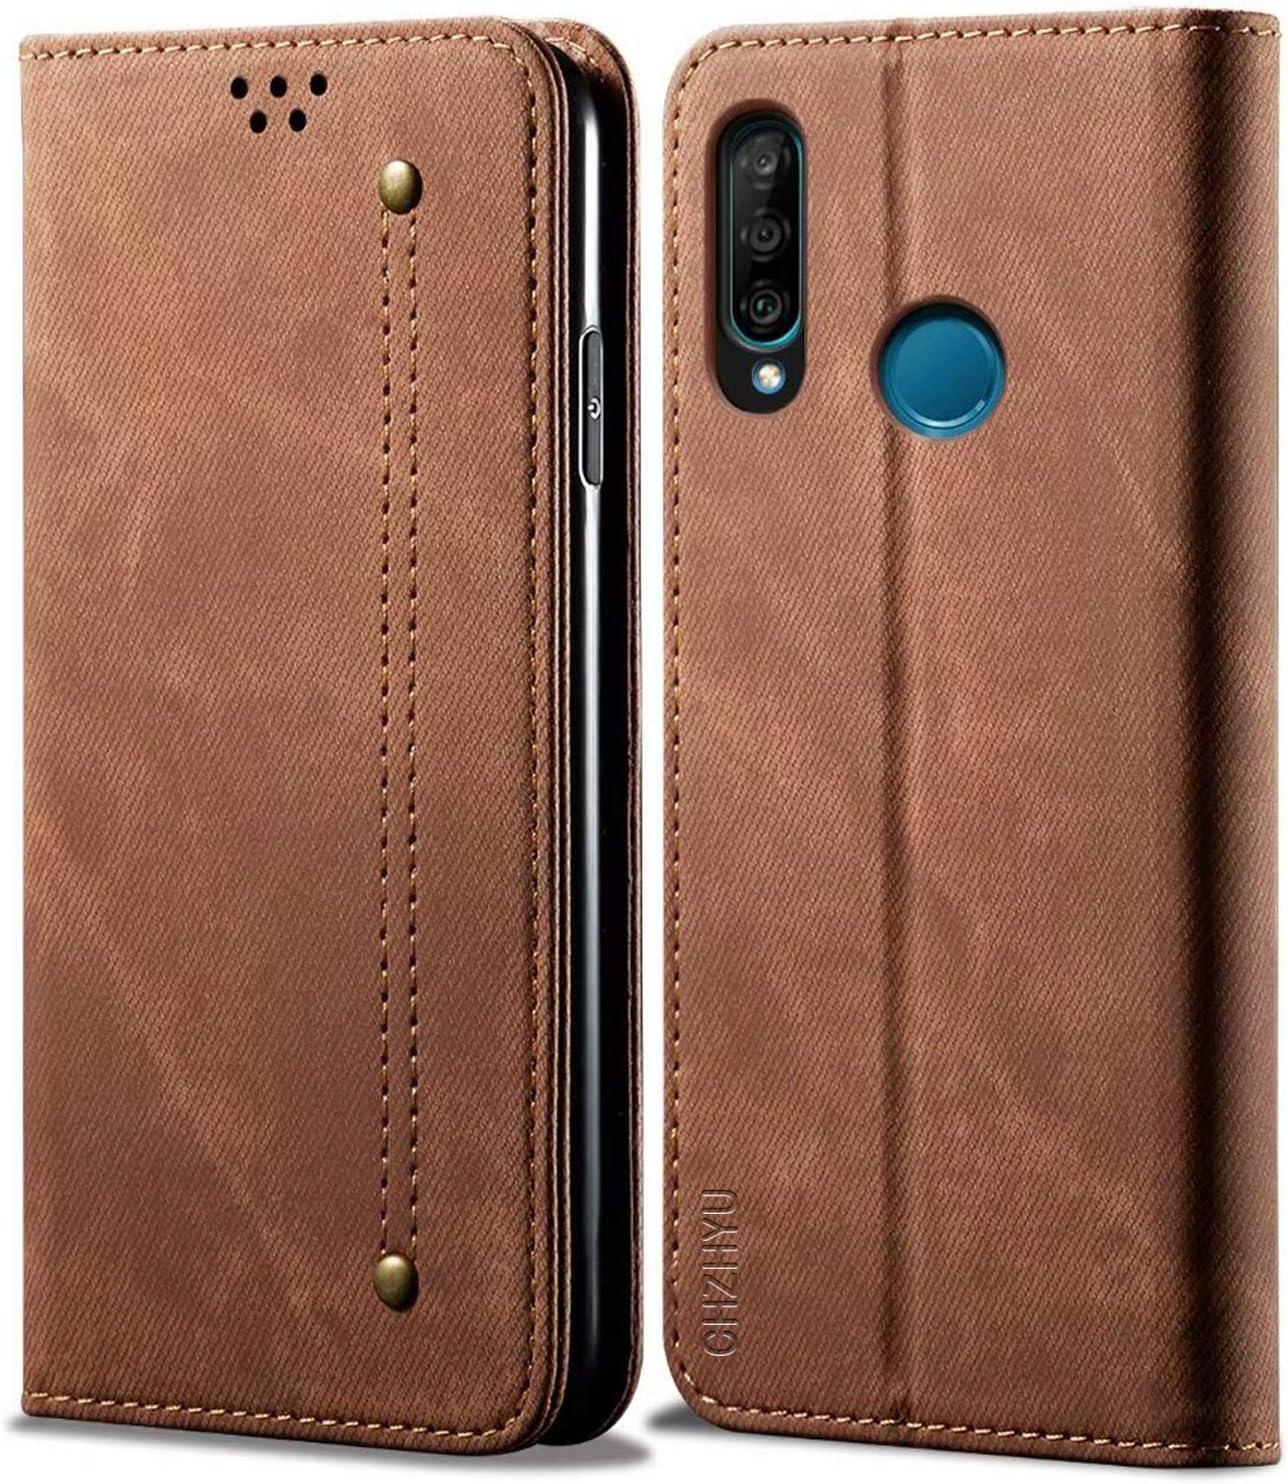 Premium Leder Flip Doppelte Schutzh/ülle Case Cover Kartenf/ächer Blau CHZHYU Handyh/ülle f/ür Huawei P30 Lite Standfunktion Magnetverschluss f/ür Huawei P30 Lite